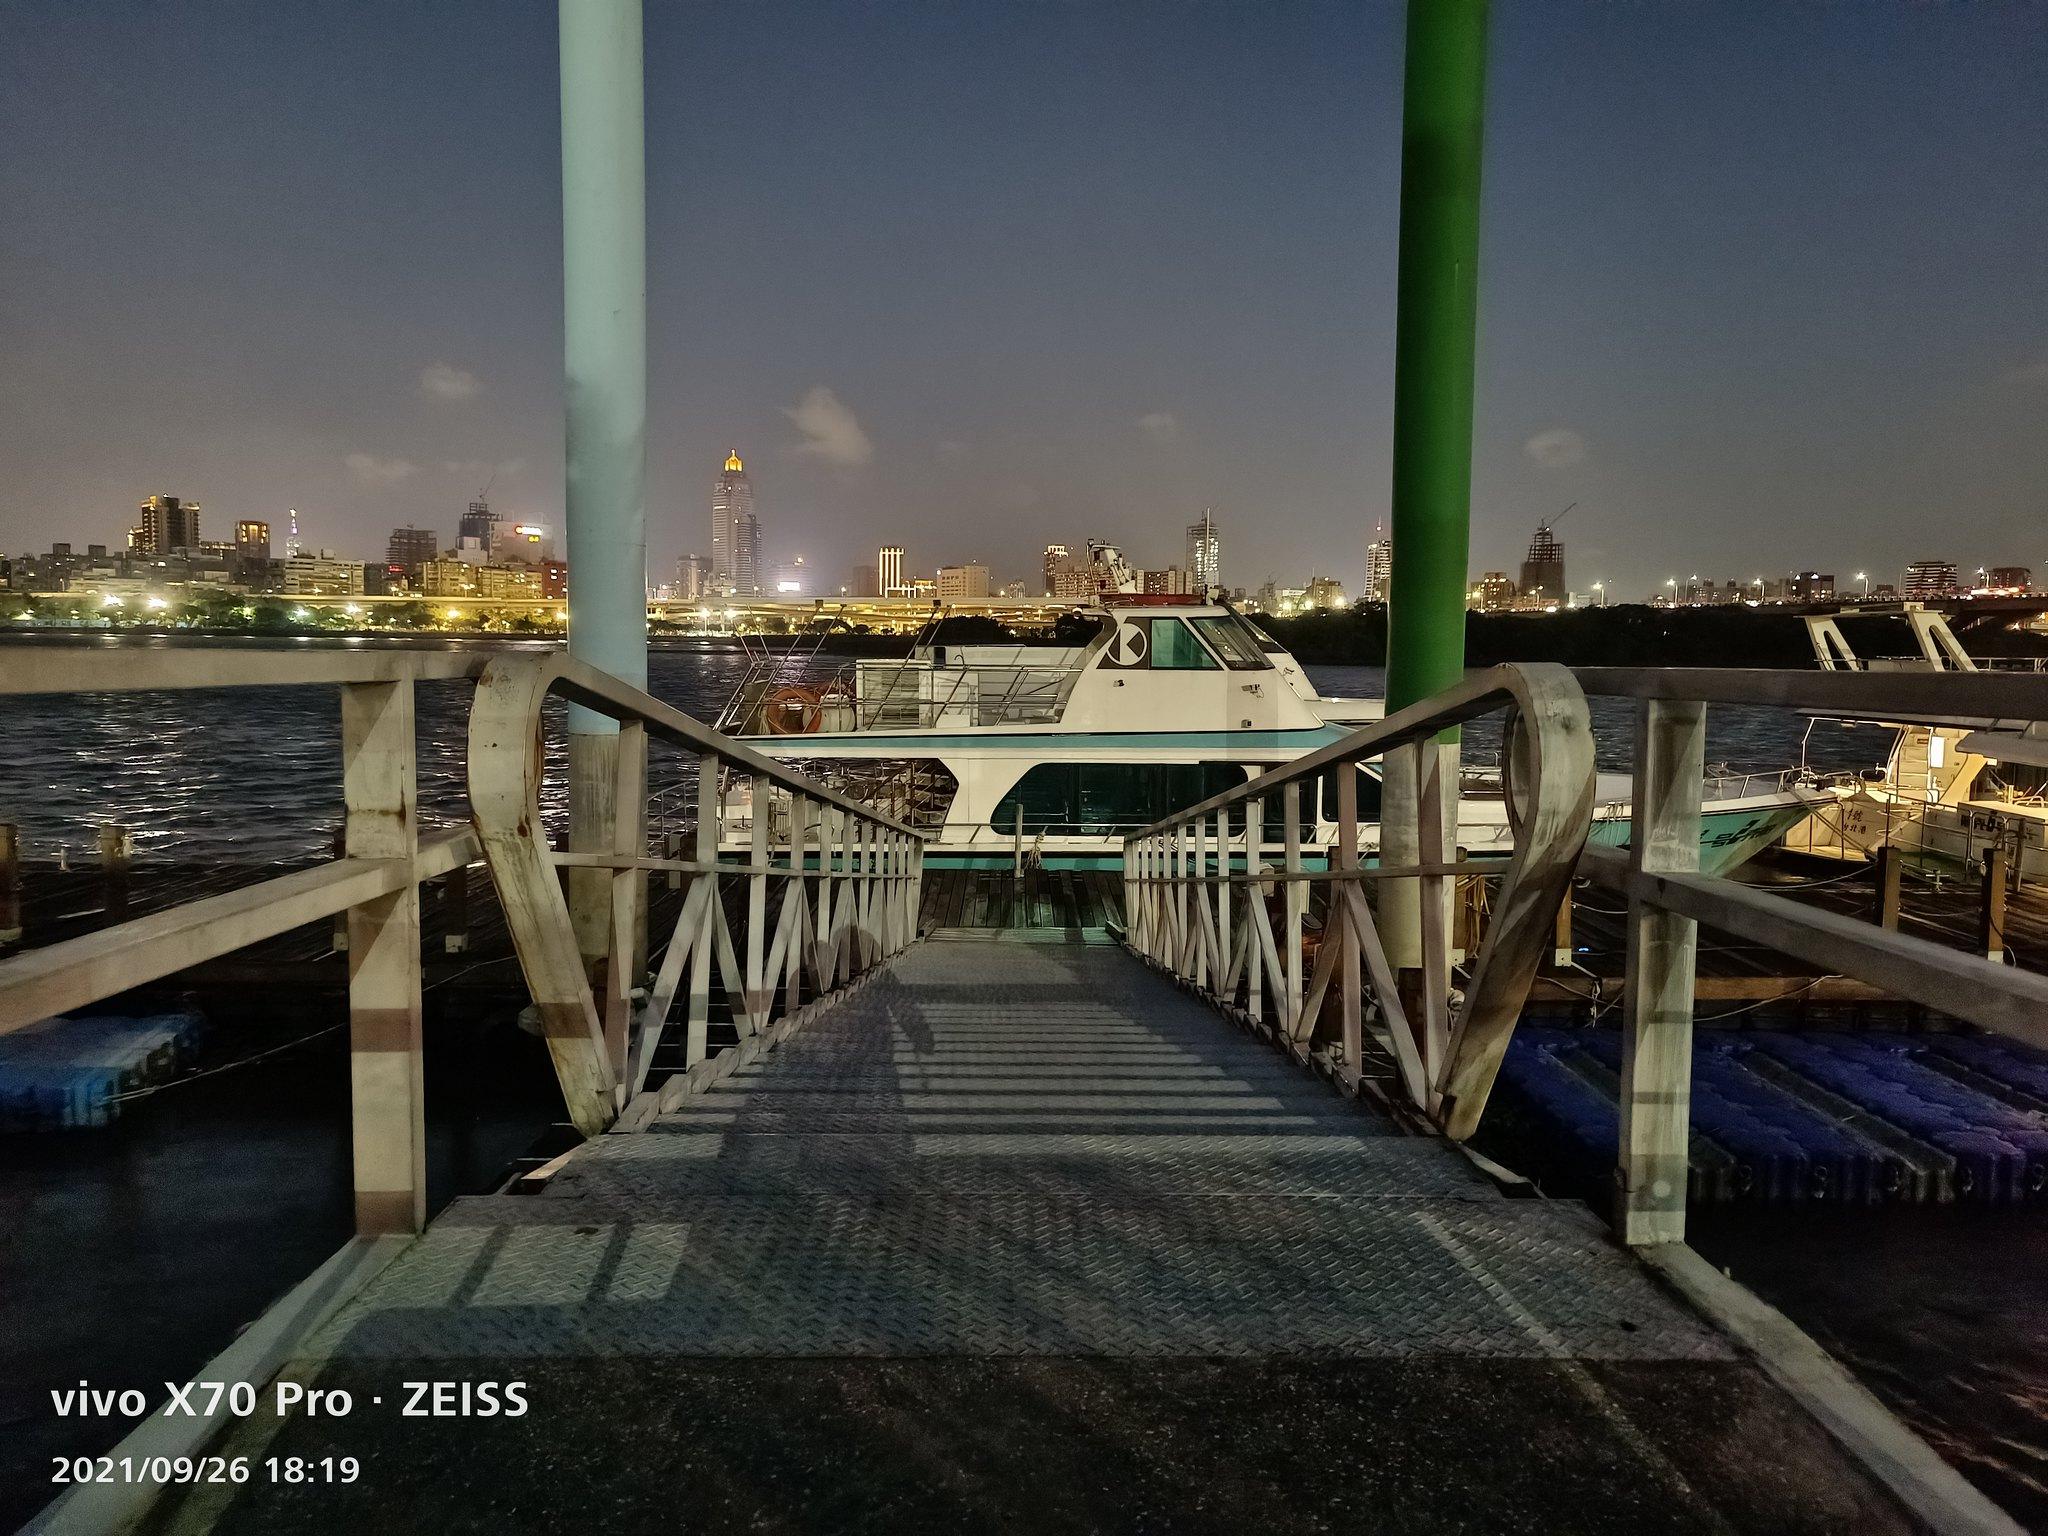 【體驗文】vivo X70 Pro 遠鏡頭好拍 - 42